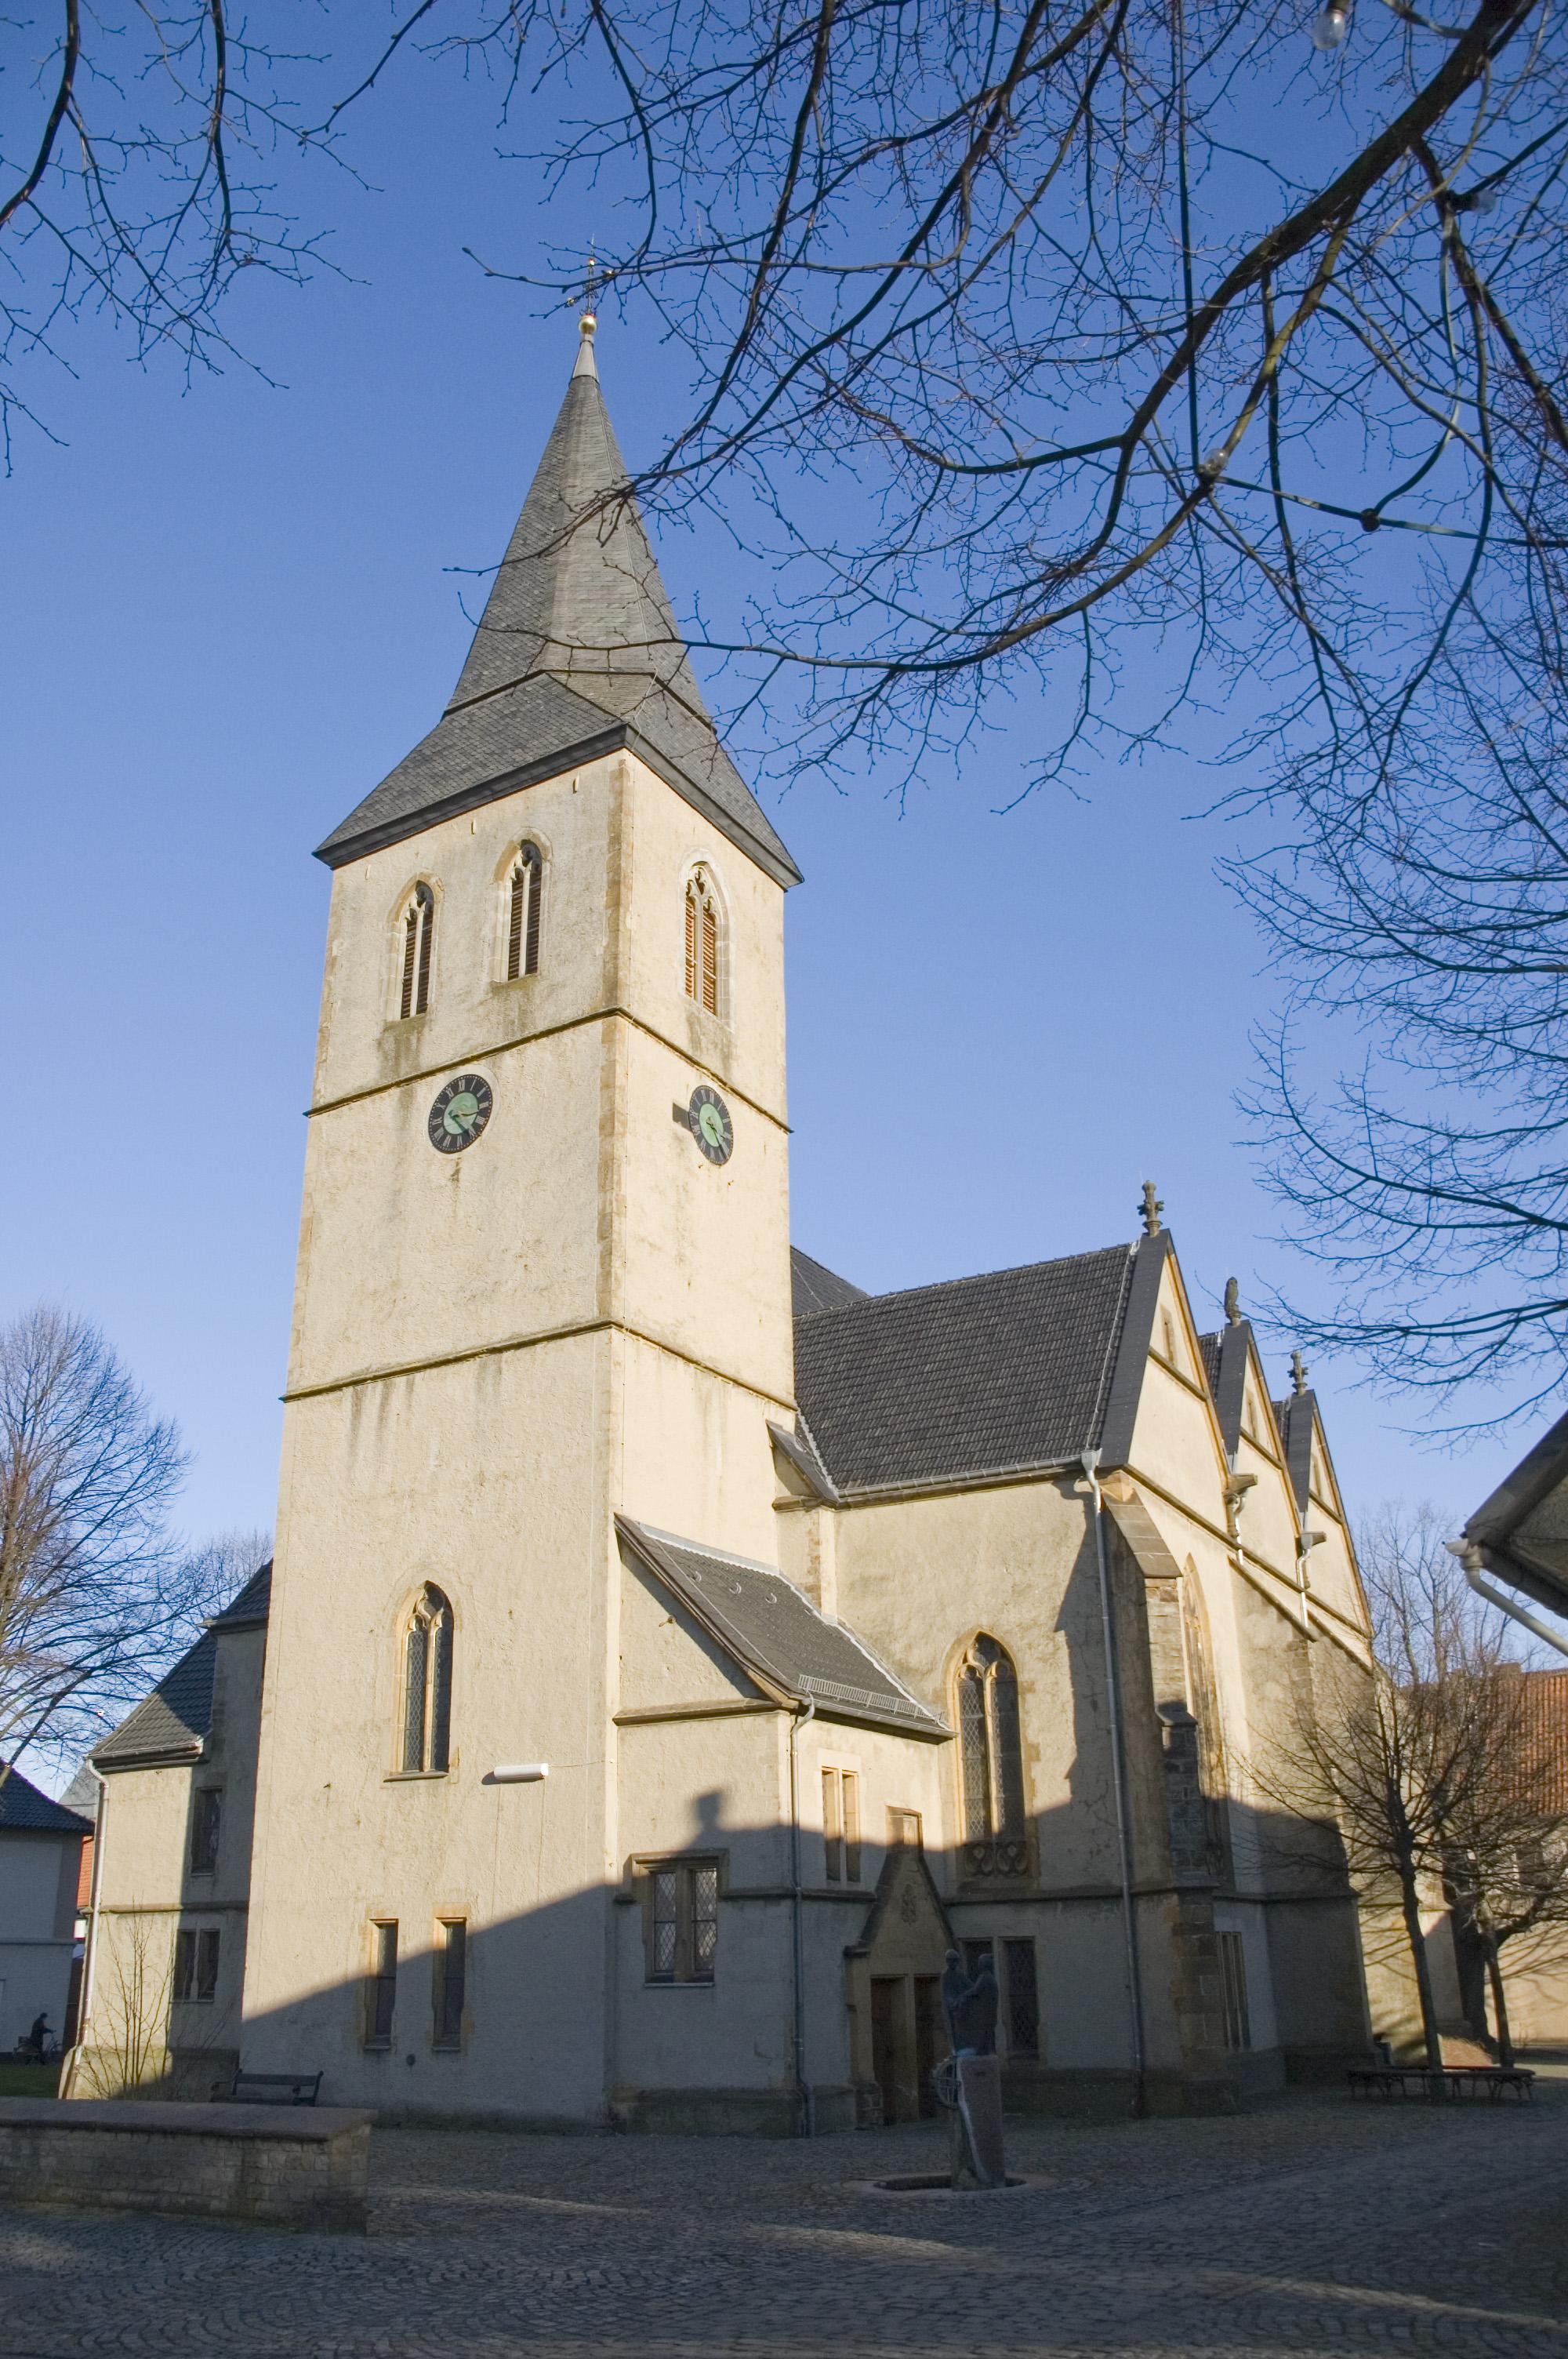 St. Dionysius-Kirche Preußisch Oldendorf